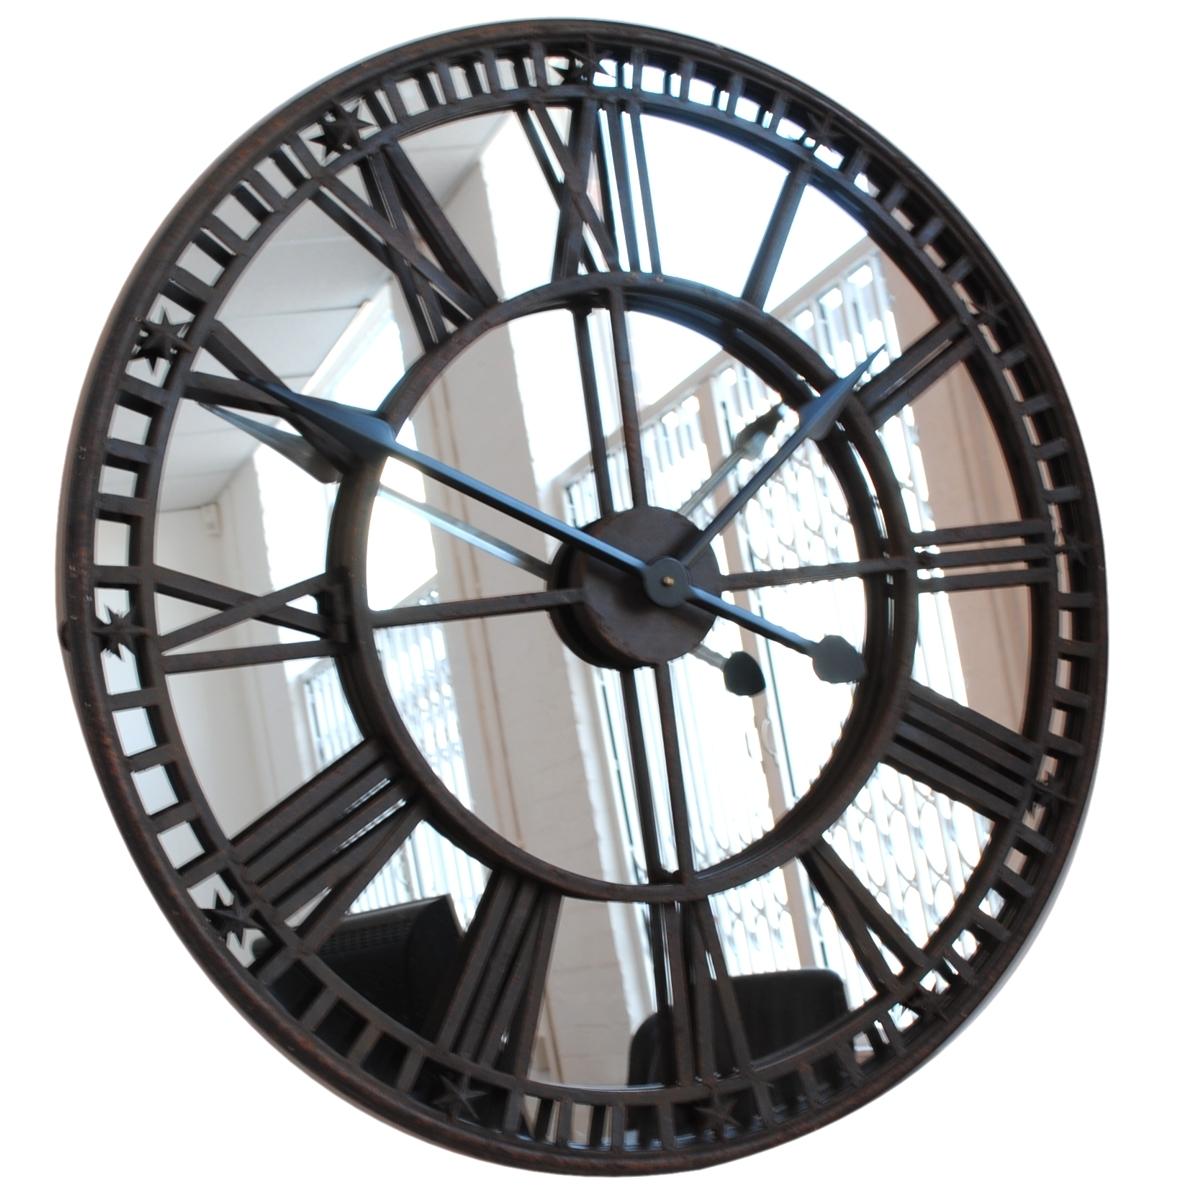 Black Mirror Wall Clocks